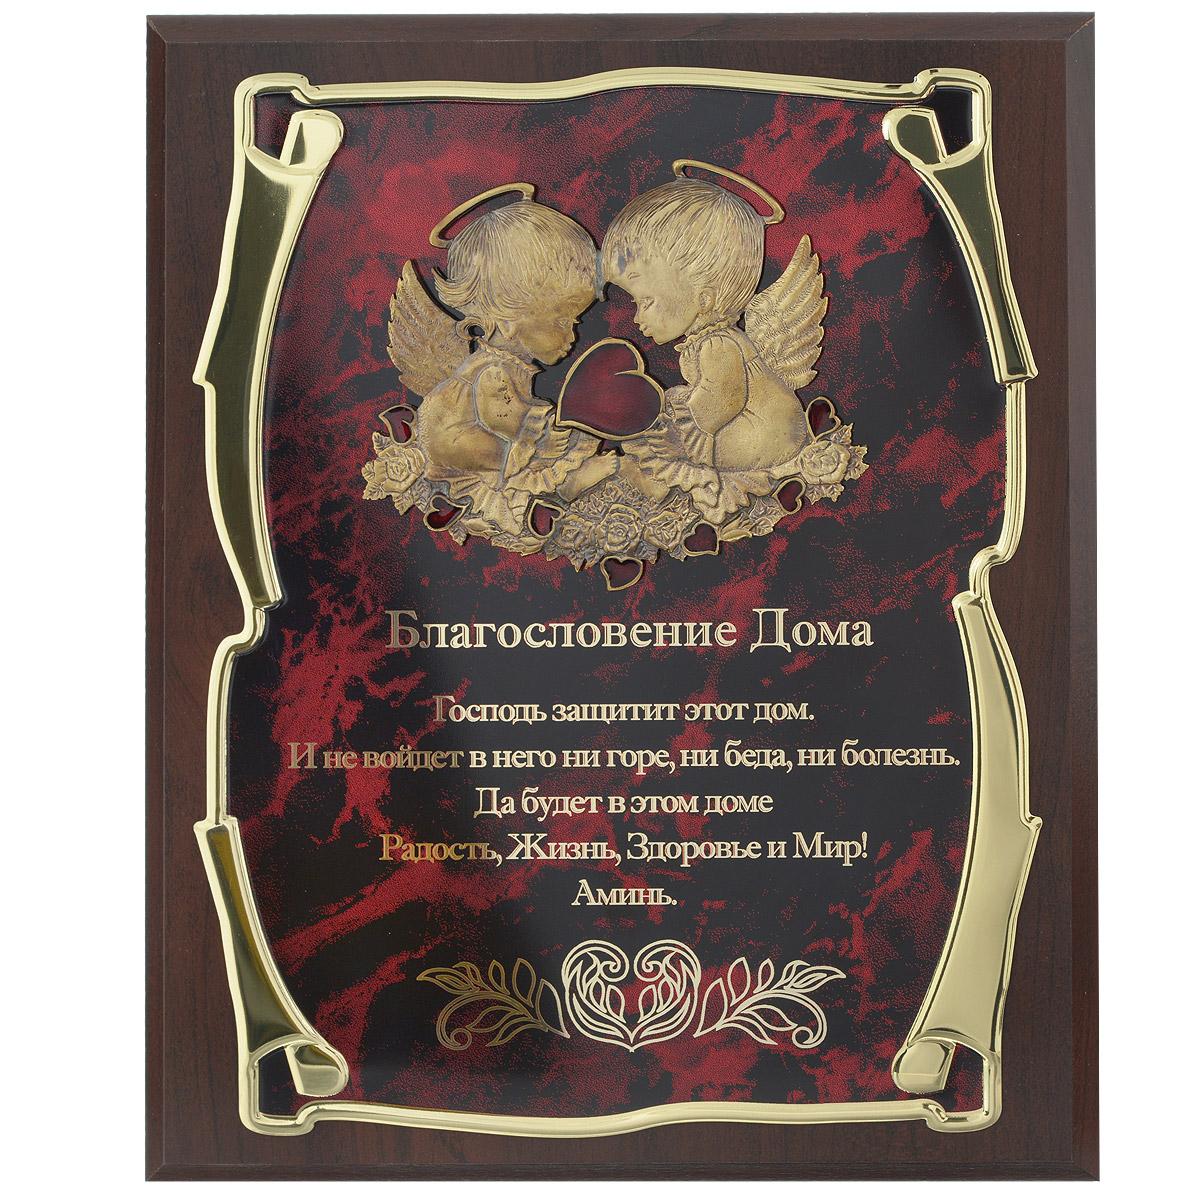 Панно Ангелы. Благословение дома, 20,5 х 25,5 см60605006Панно Ангелы. Благословение дома - замечательный сувенир и прекрасный элемент декора. Прямоугольное основание изделия выполнено из МДФ темно-коричневого цвета. По центру размещена металлическая пластина из латунированной стали, выполненная в форме двух ангелочков с сердечками. Сердечки покрыты эмалью красного цвета. Ниже расположена надпись-молитва: Благословение Дома. Господь защитит этот дом. И не войдет в него ни горе, ни беда, ни болезнь. Да будет в этом доме Радость, Жизнь, Здоровье и Мир! Аминь. Технология нанесения текста - лазерная гравировка. С задней стороны имеются отверстия для размещения на стене. Панно упаковано в изысканную подарочную коробку, закрывающуюся на замочек. Внутренняя поверхность коробки задрапирована атласной тканью светлых тонов.